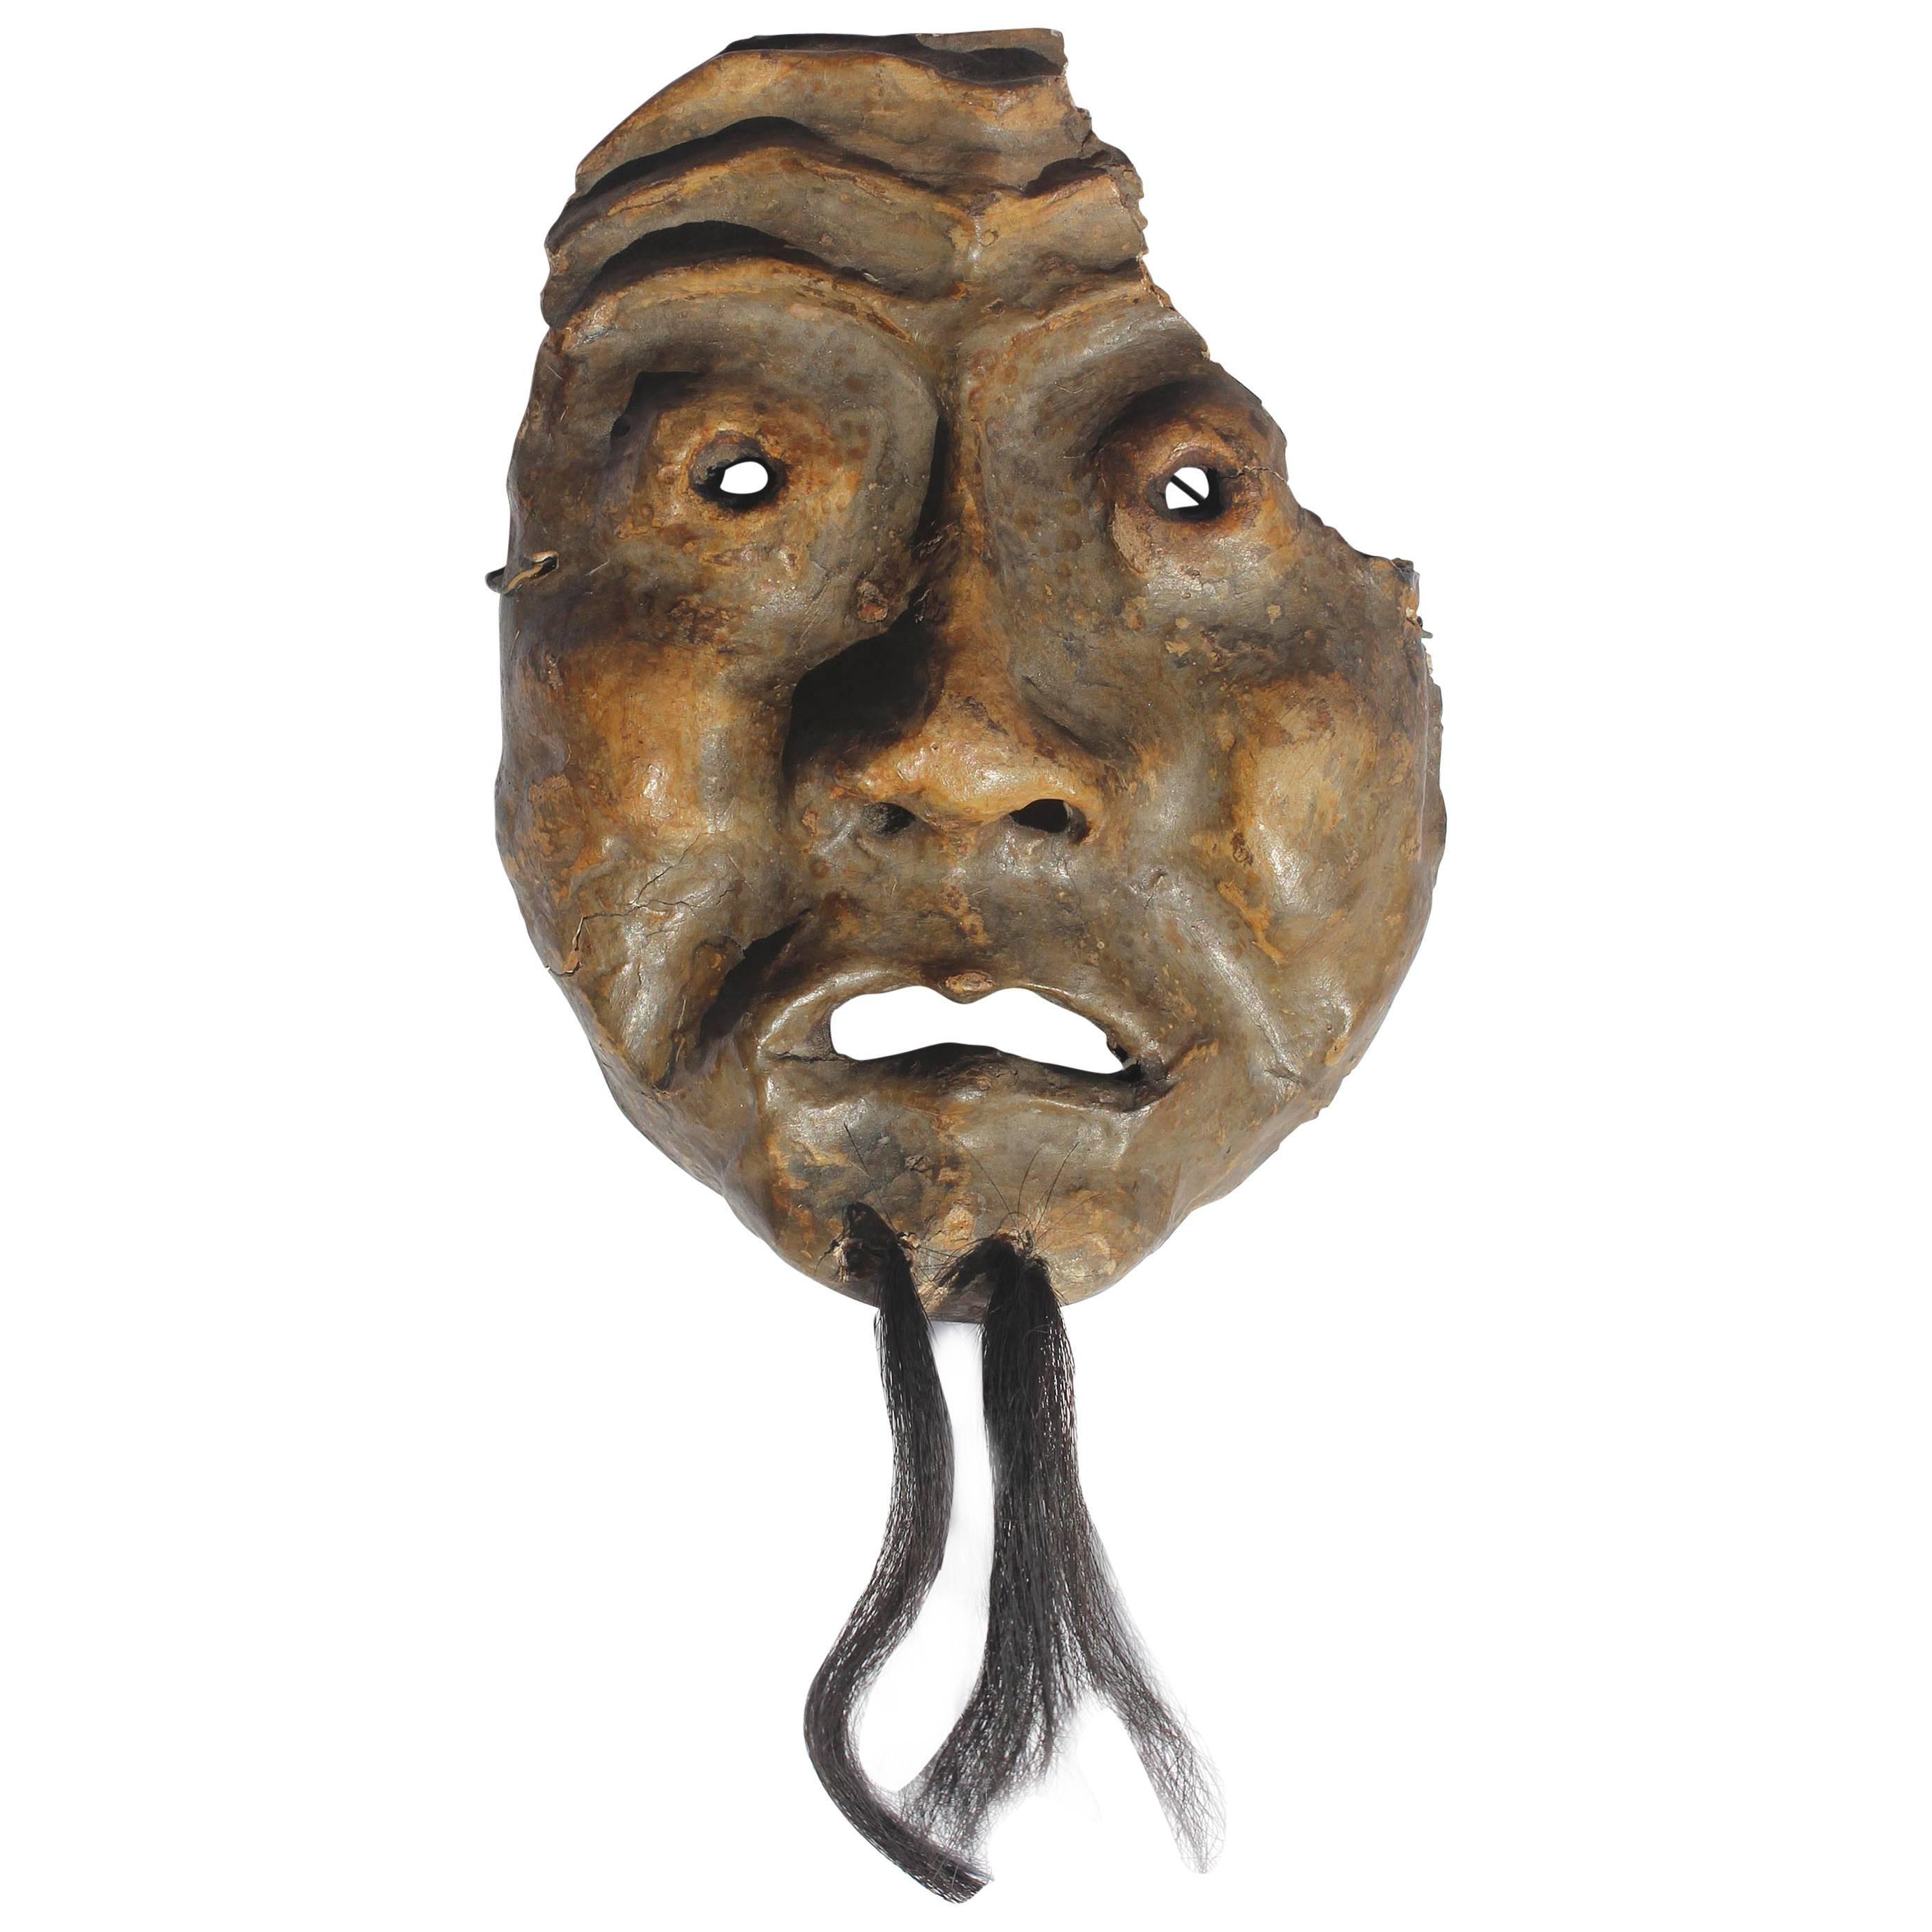 Asian Mask, Sculpture Fragment